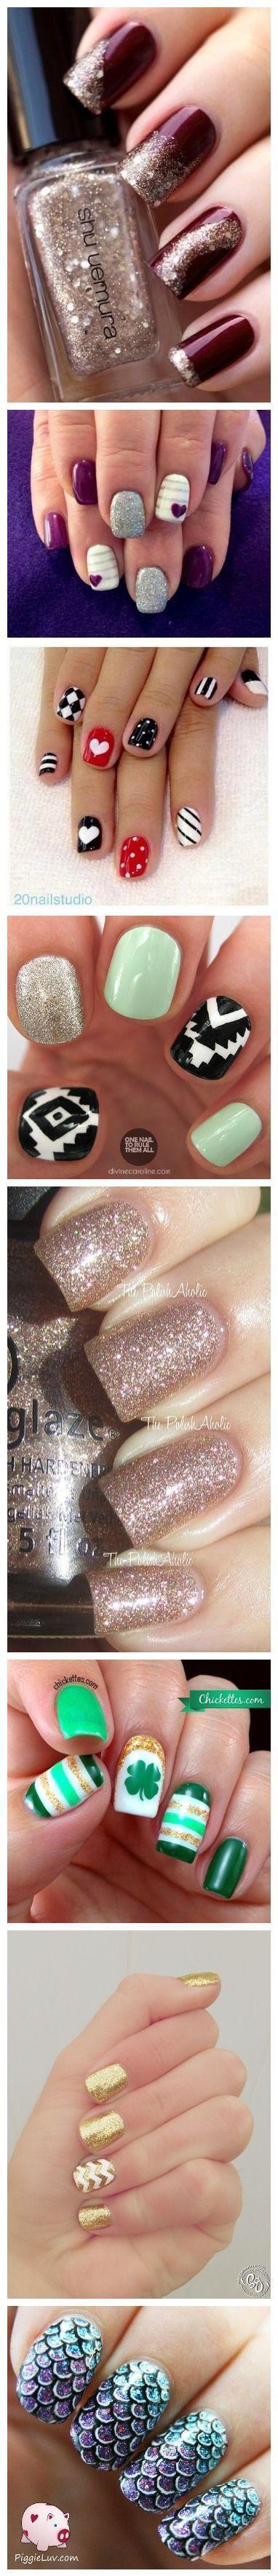 Nail Art Designs - Get Creative Nail Design, Nail Art, Nail Salon, Irvine, Newport Beach